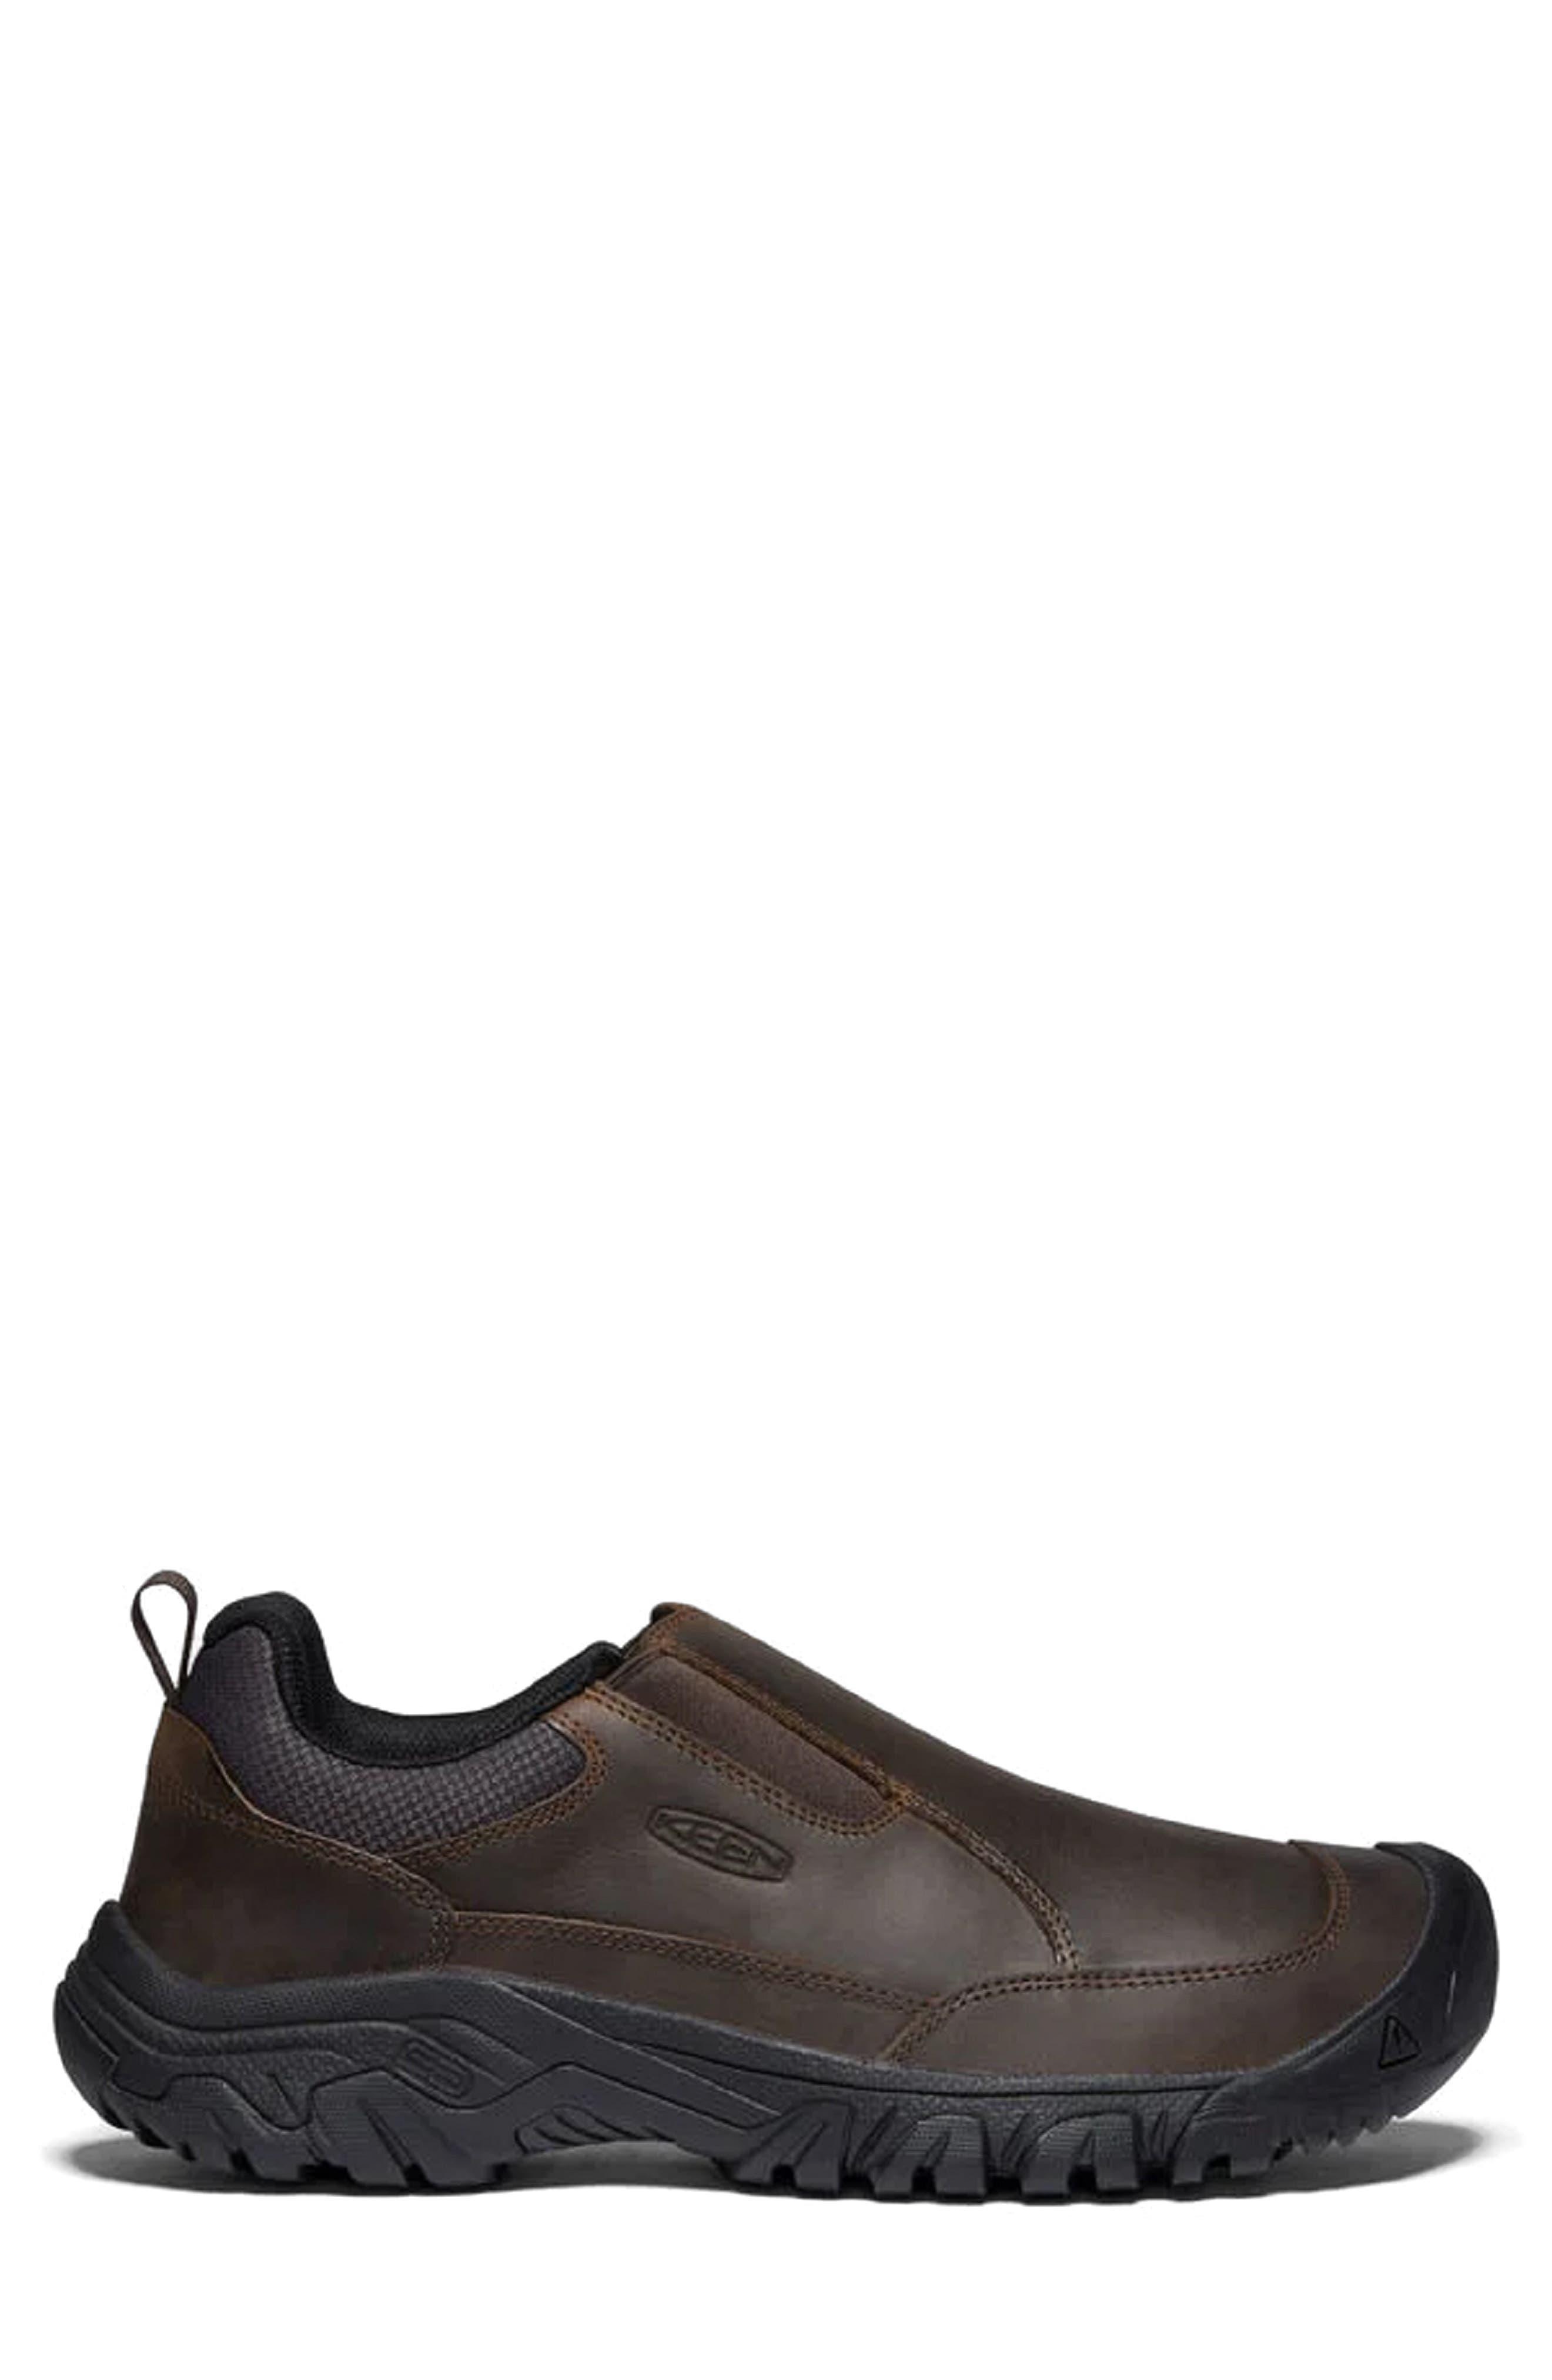 Targhee Iii Slip-On Shoe